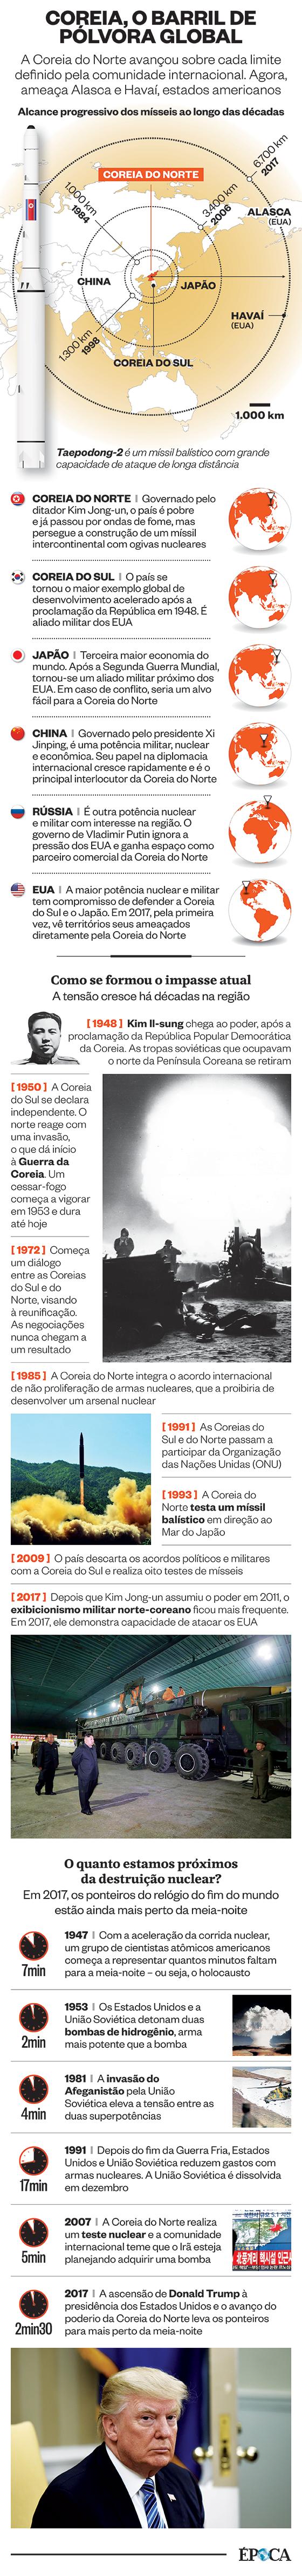 Infográfico Coreia do Norte (Foto: Época)